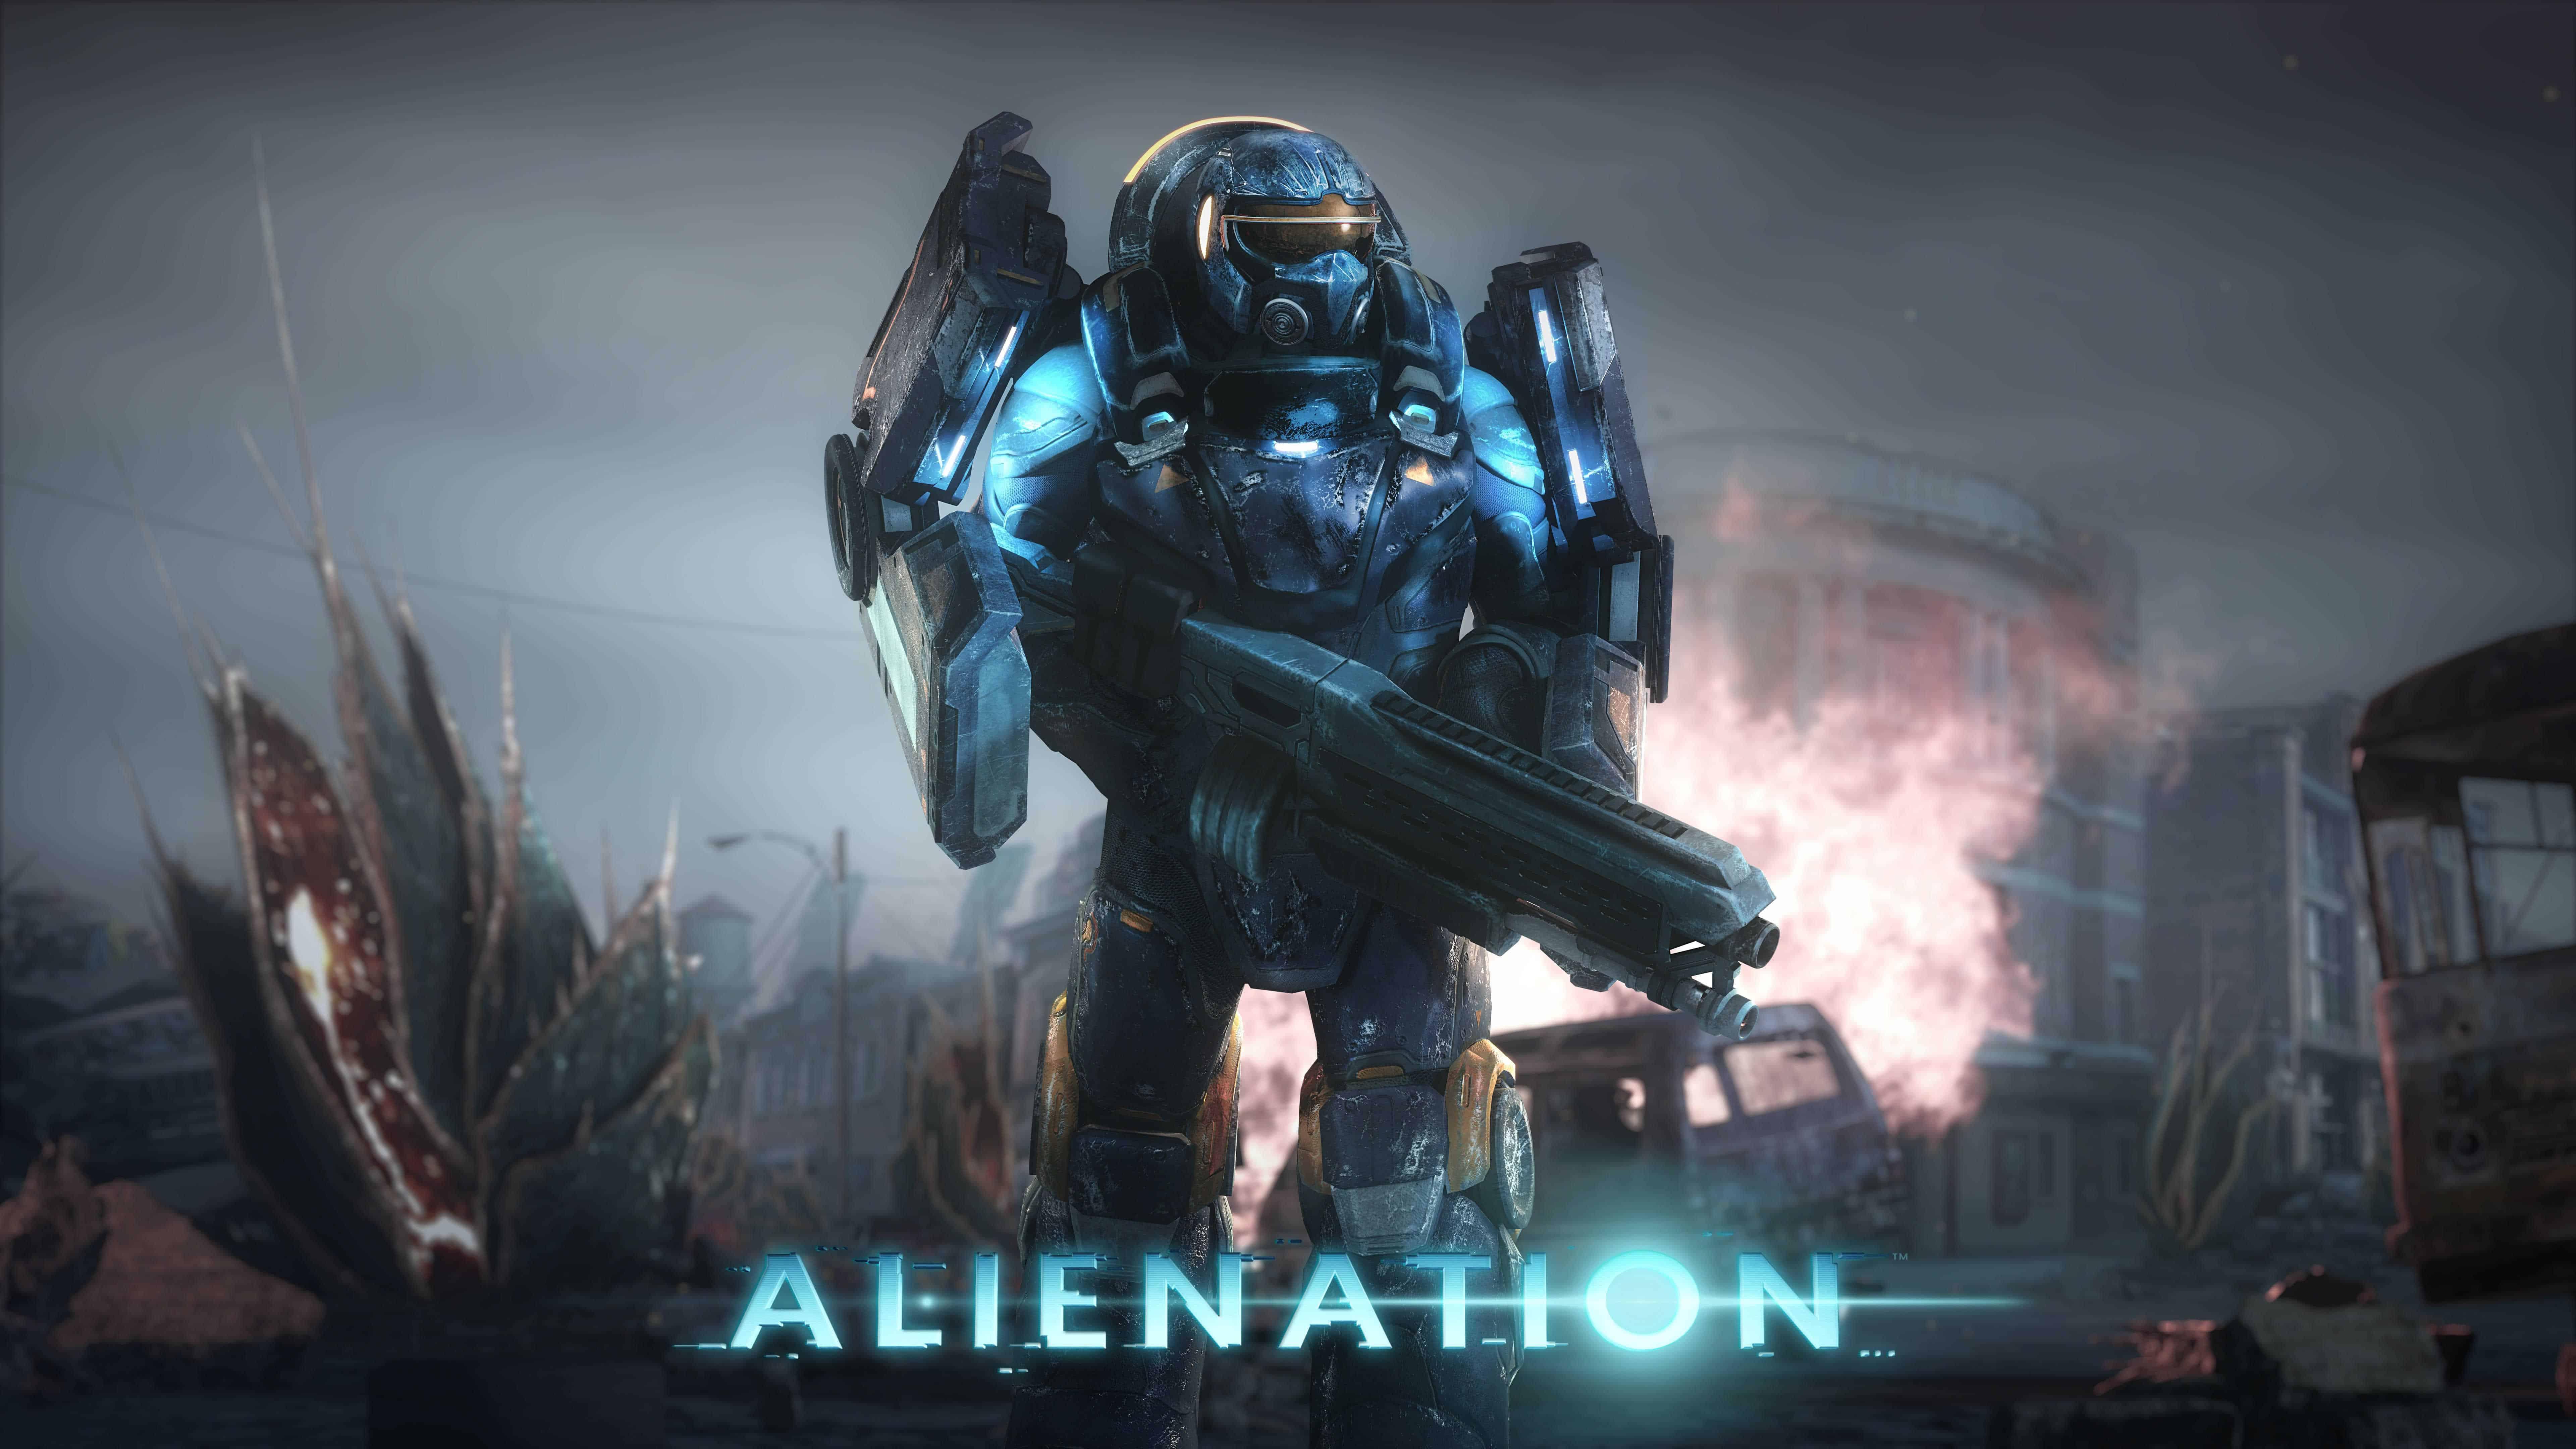 alienation uhd 8k wallpaper